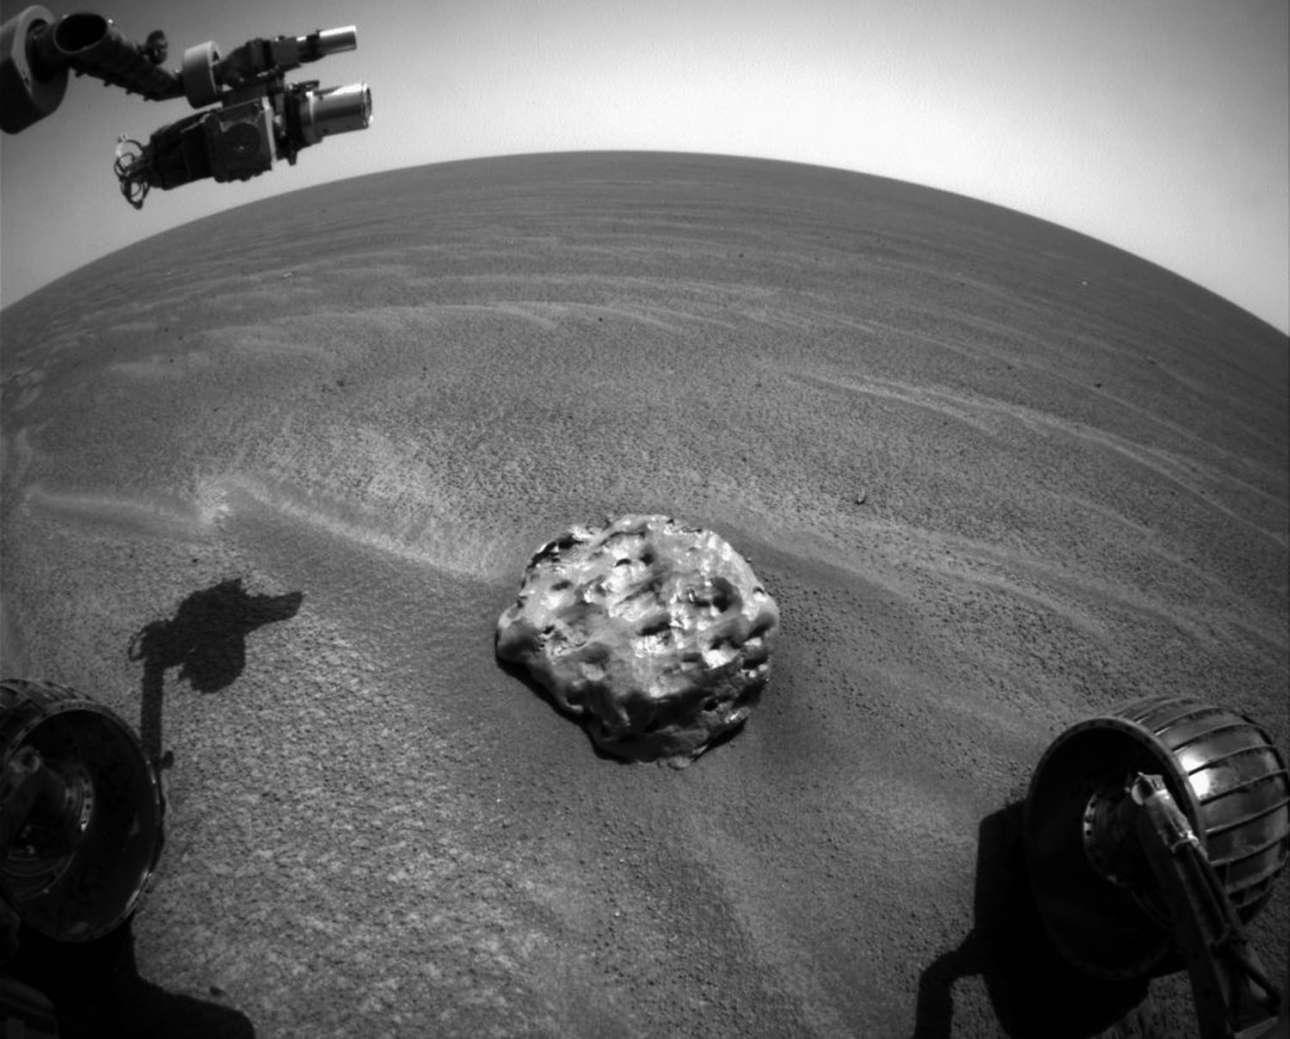 Εναν μετεωρίτη στην επιφάνεια του Αρη απαθανάτισε τον Ιανουάριο του 2005 το Rover της ΝΑΣΑ. Πρόκειται για τον πρώτο μετεωρίτη που εντοπίζεται πρώτη φορά σε οποιονδήποτε πλανήτη. Ονομάστηκε Βράχος Θερμικής Ασπίδας